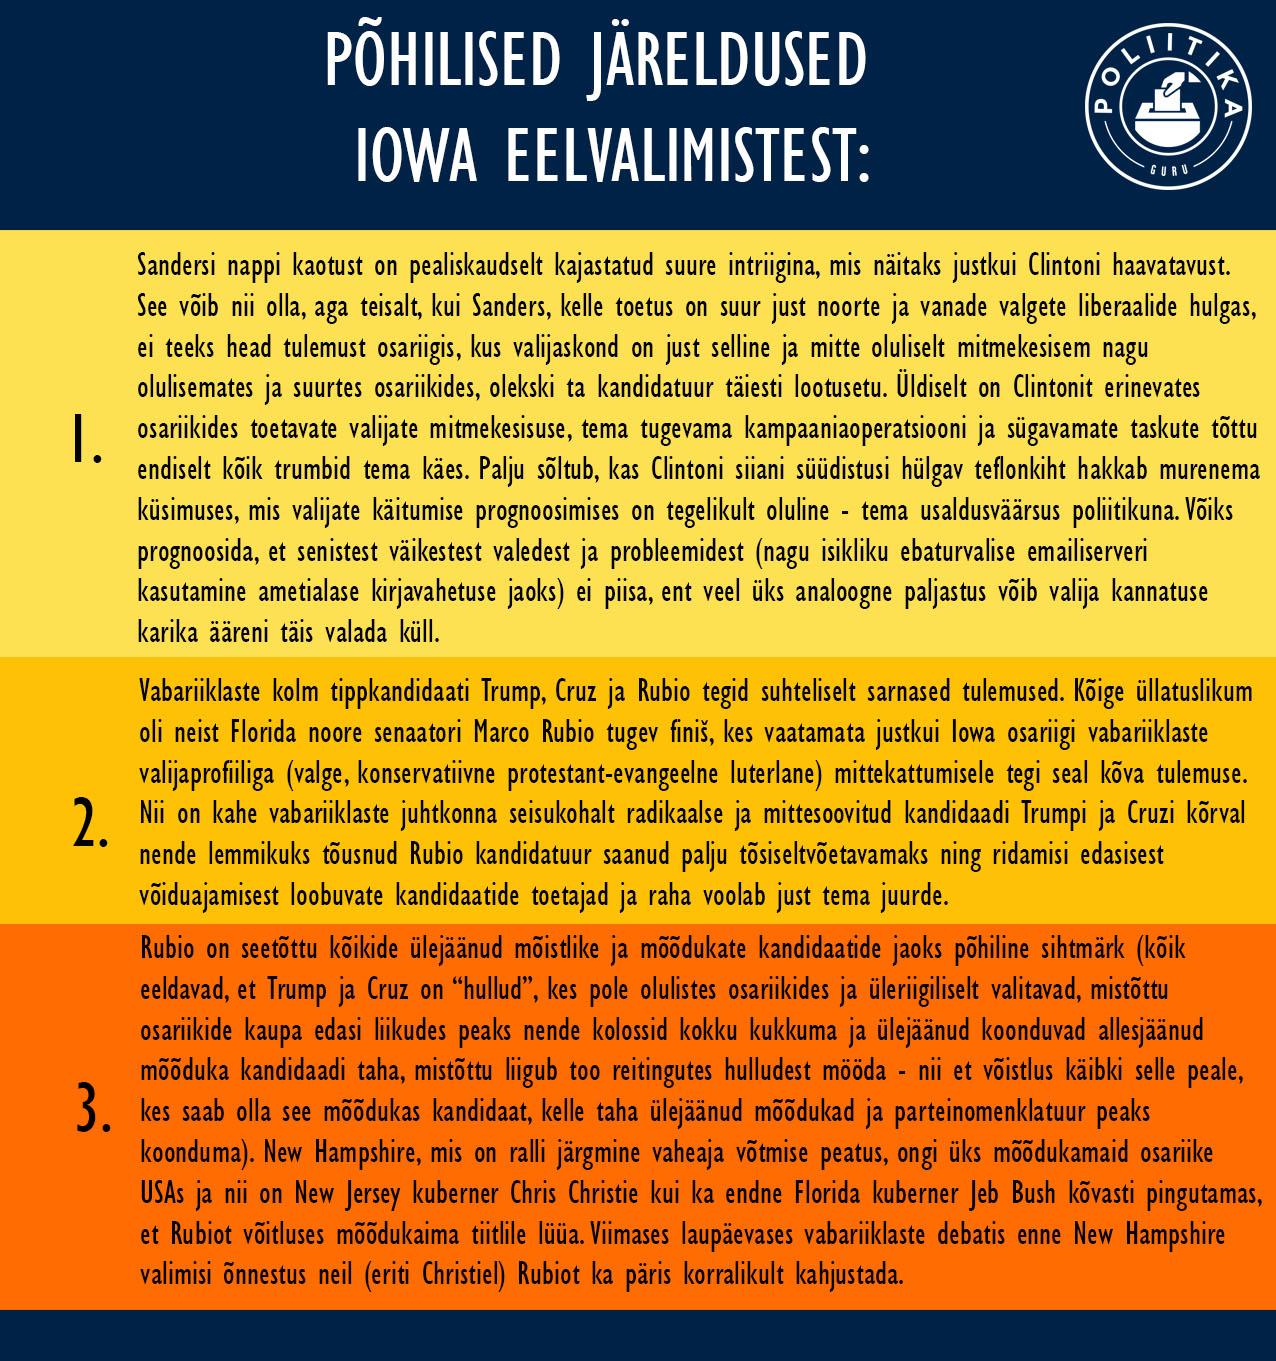 Iowa eelvalimiste peamised tulemused